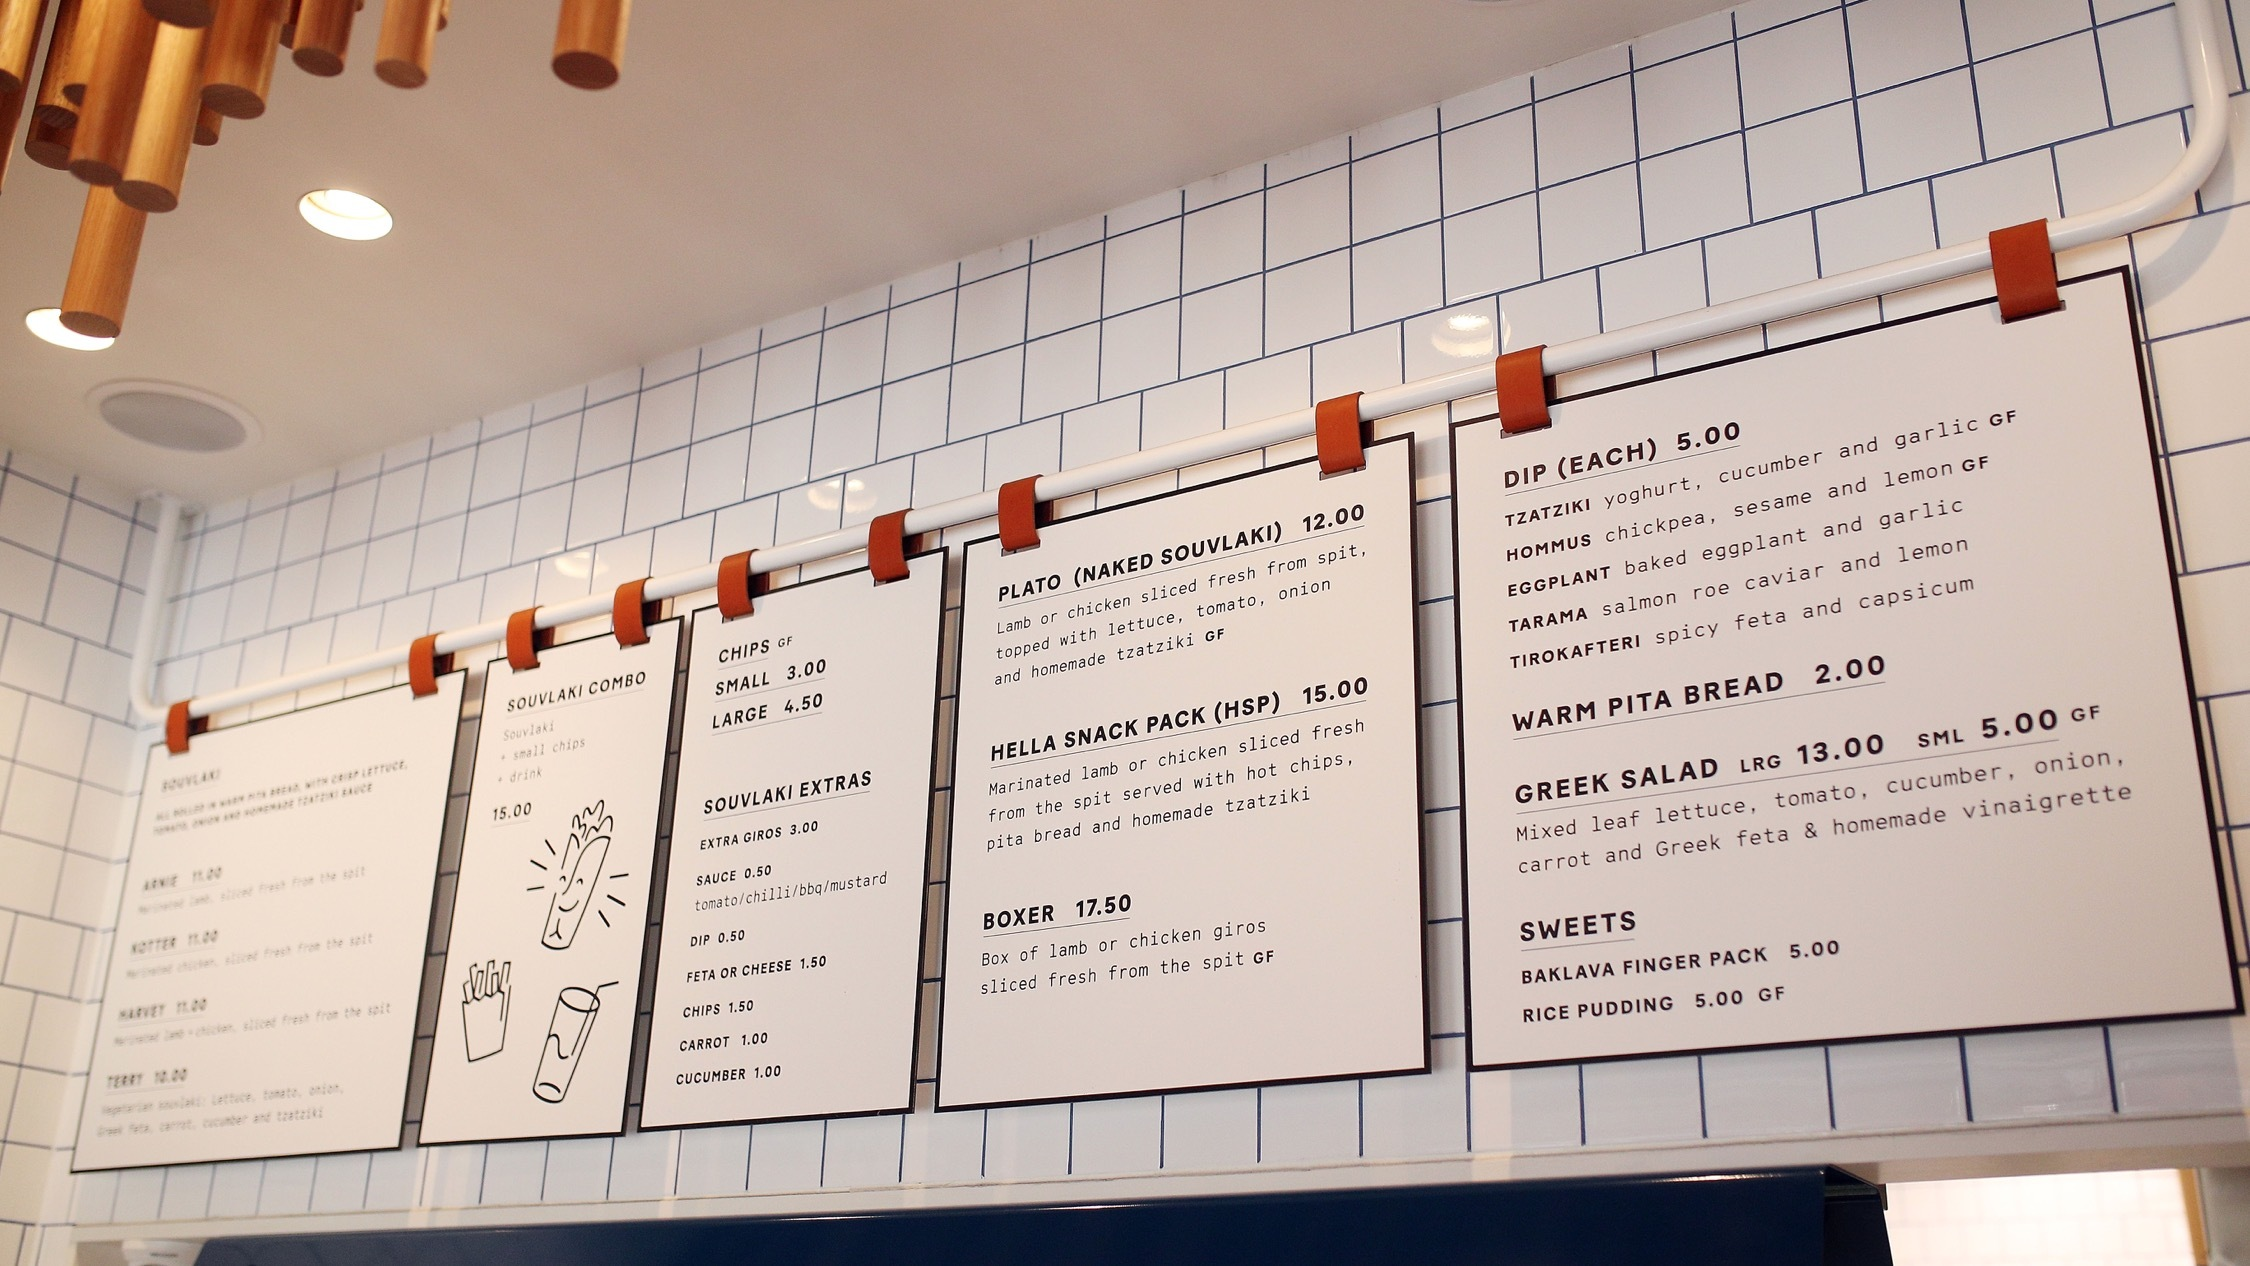 458e07d9c24 Restaurant reviews - Melbourne restaurants - Time Out Melbourne